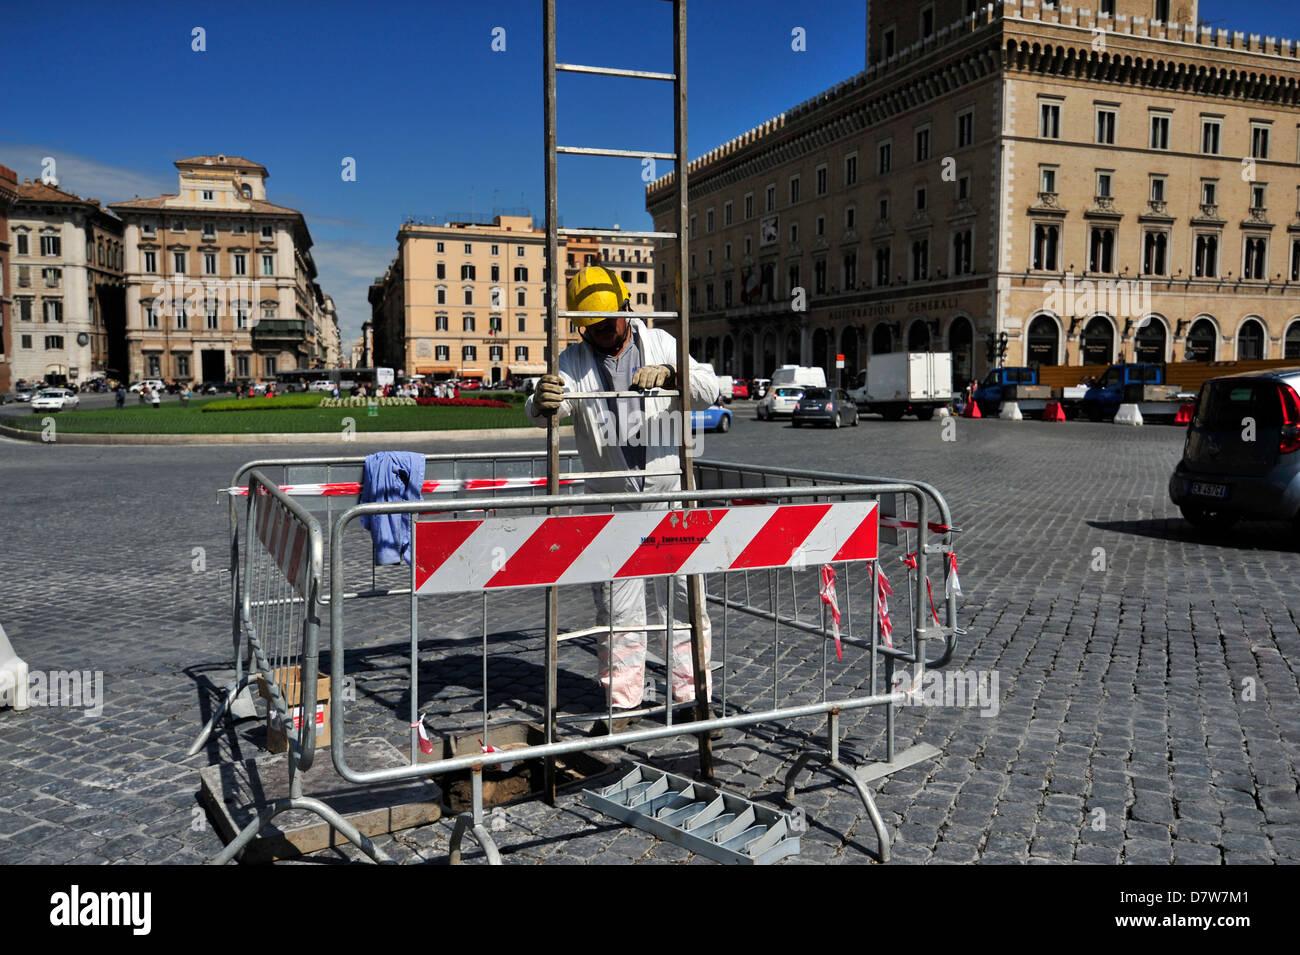 Work in progress in Rome, Piazza Venezia. - Stock Image